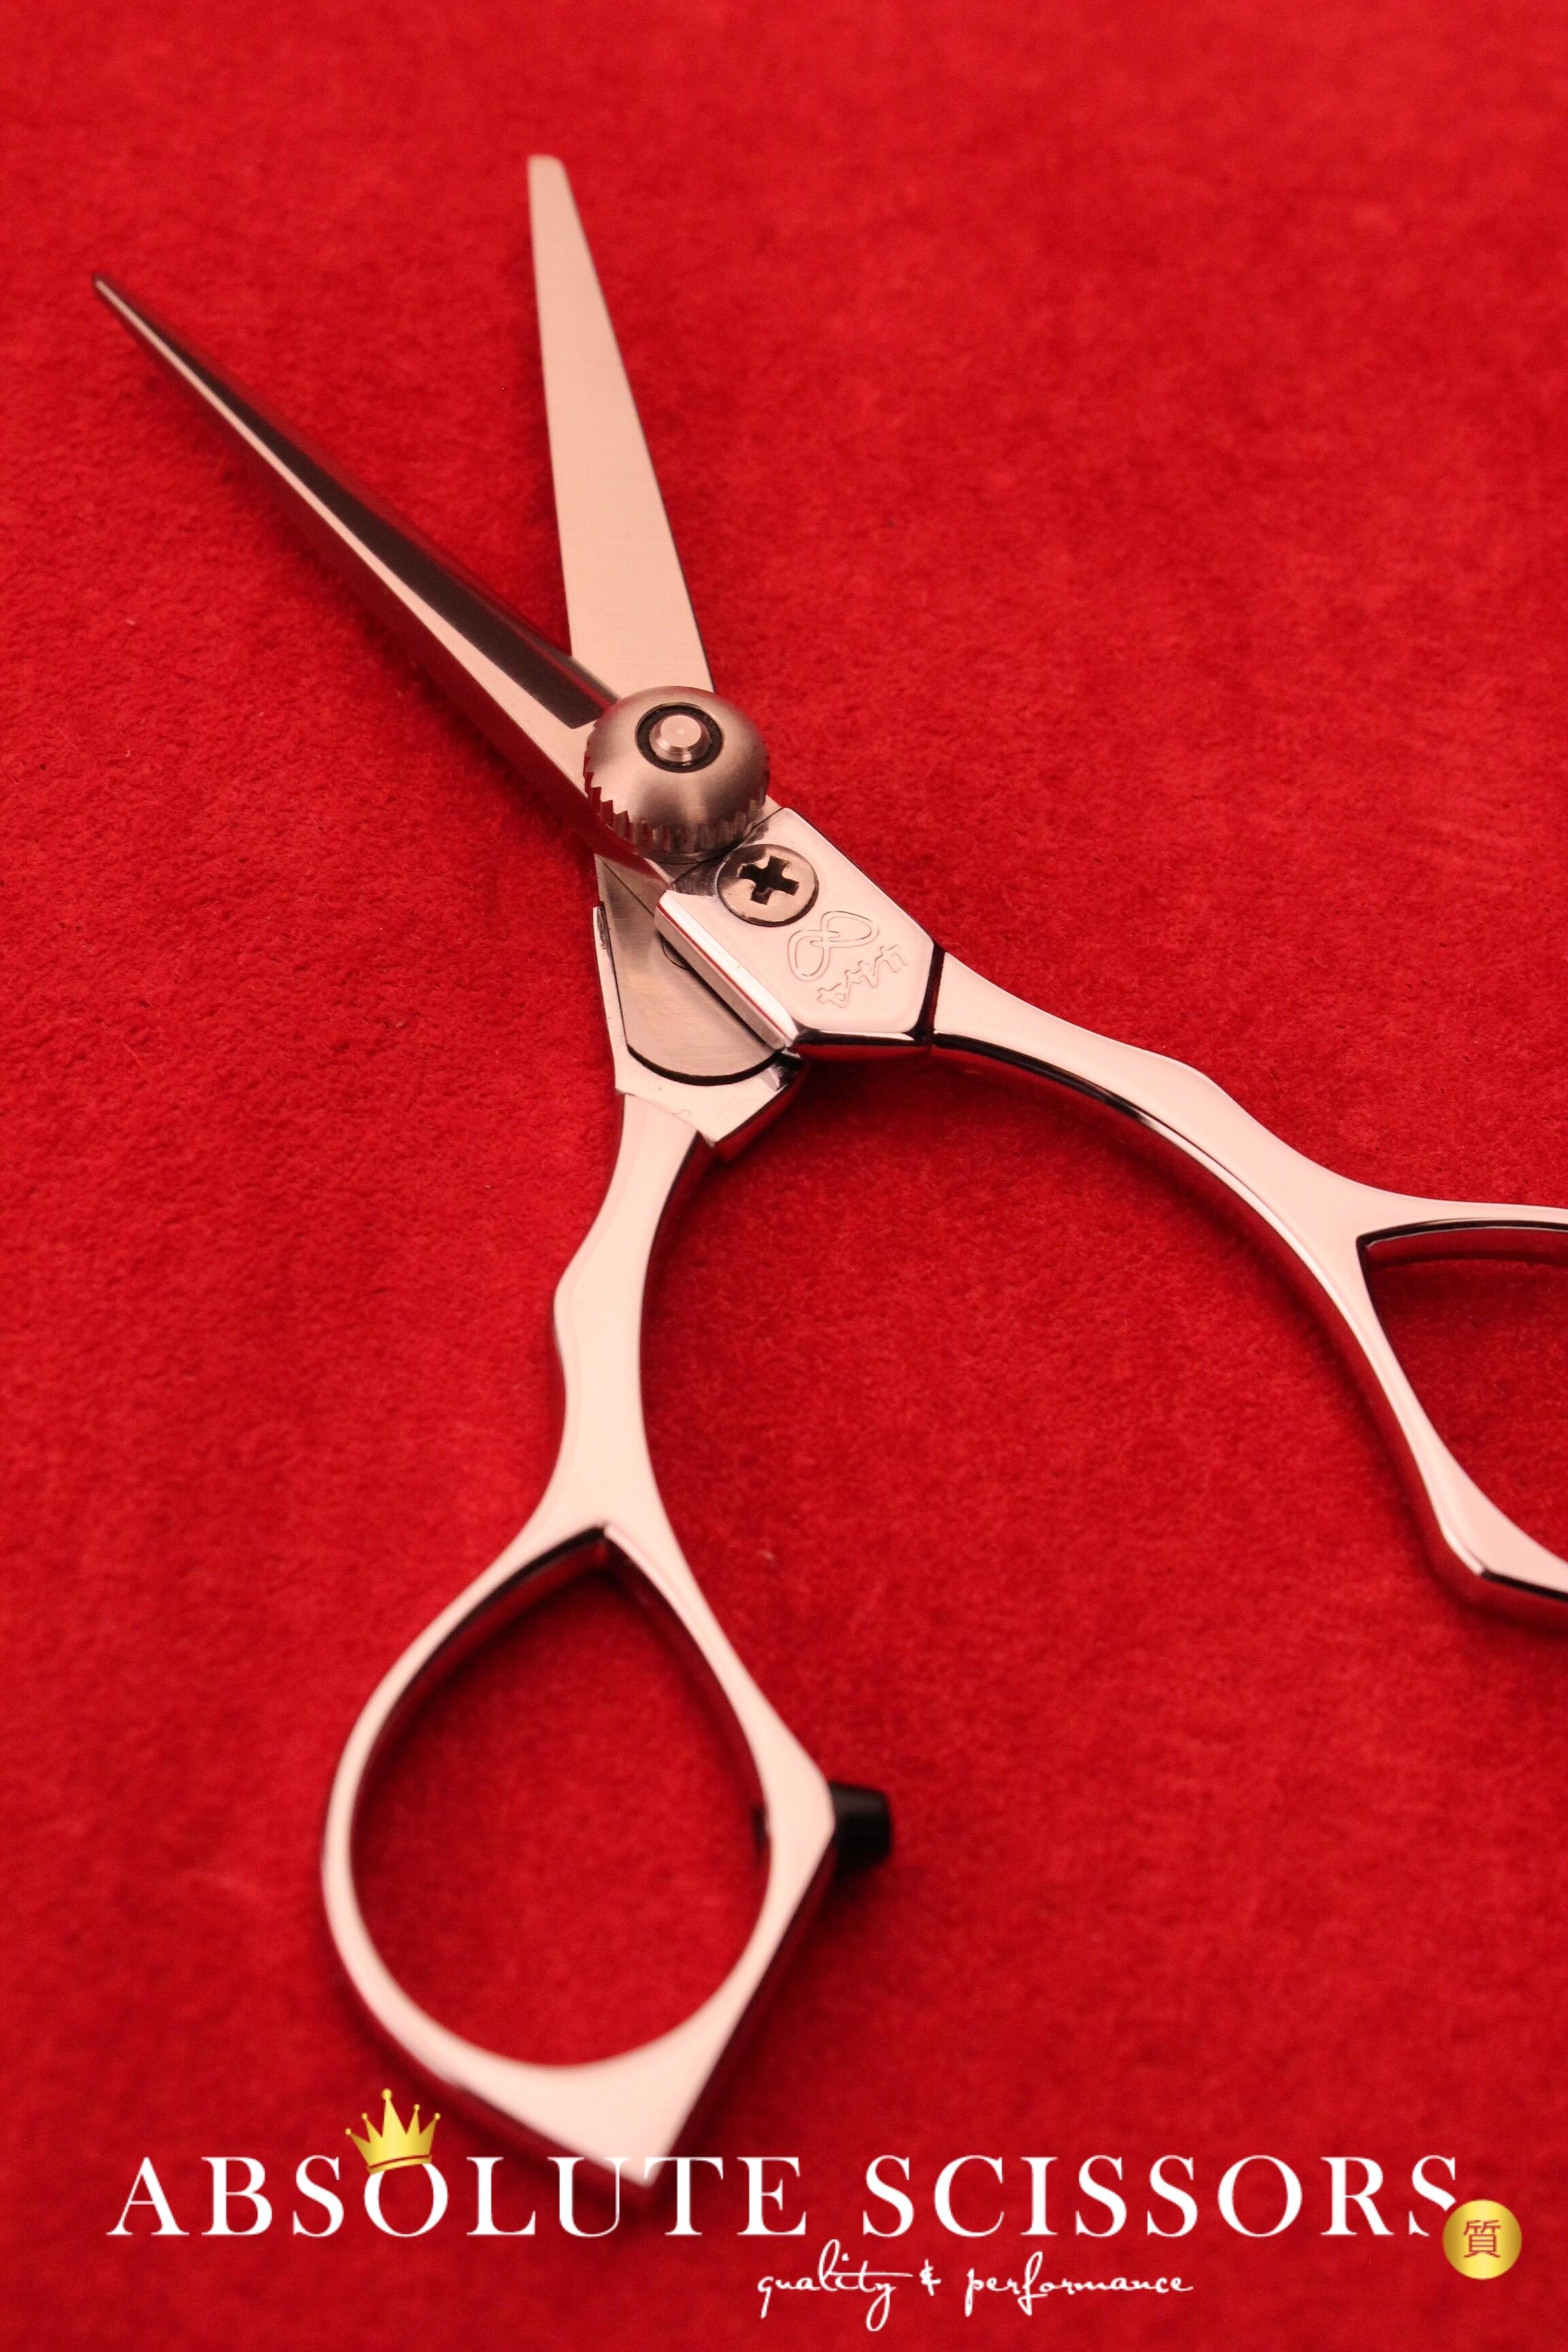 yasaka hair shears size 4.5 inches